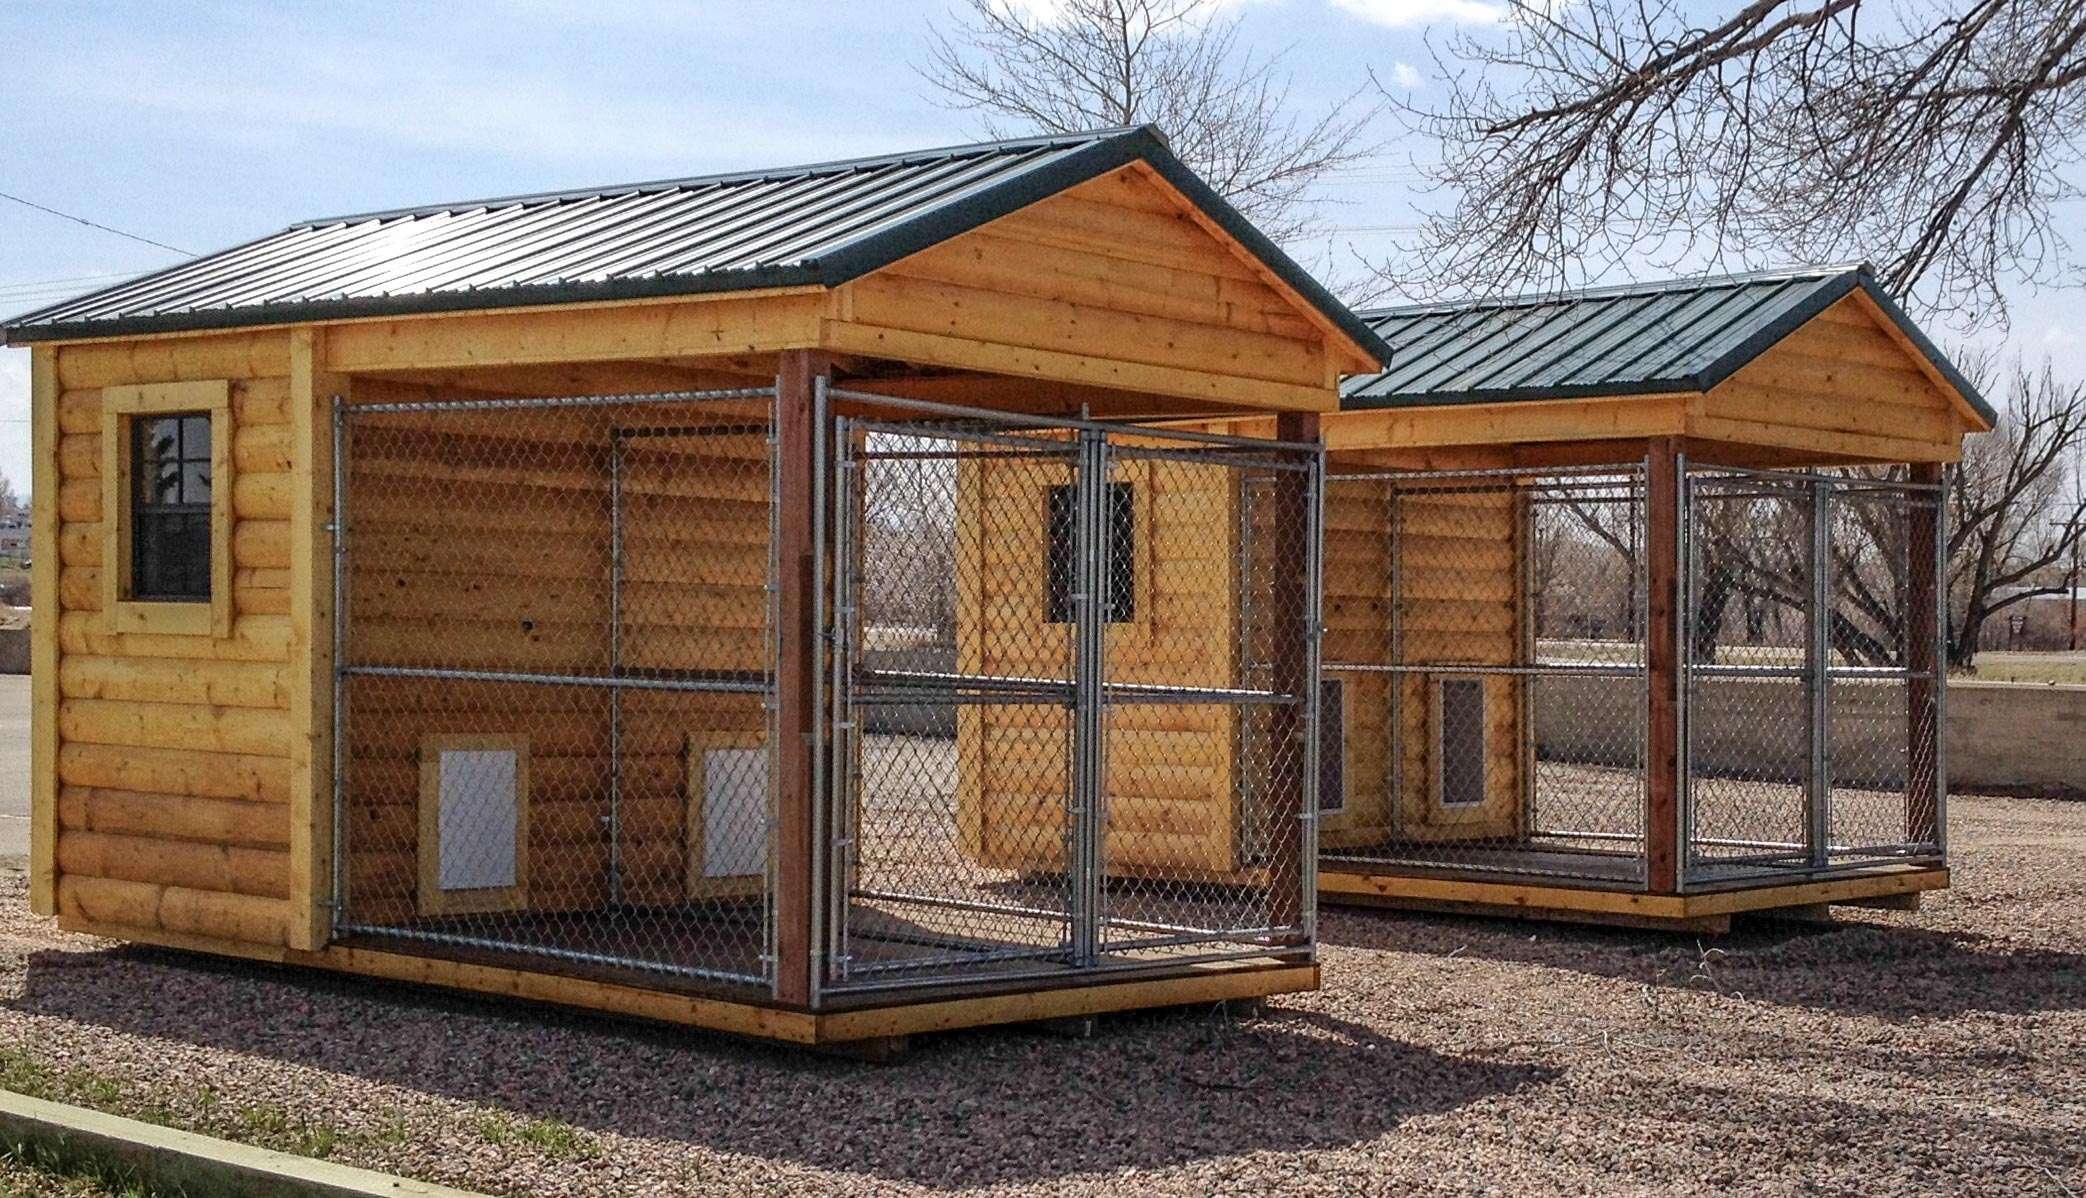 Pet kennels teton structures for Dog boarding kennel designs